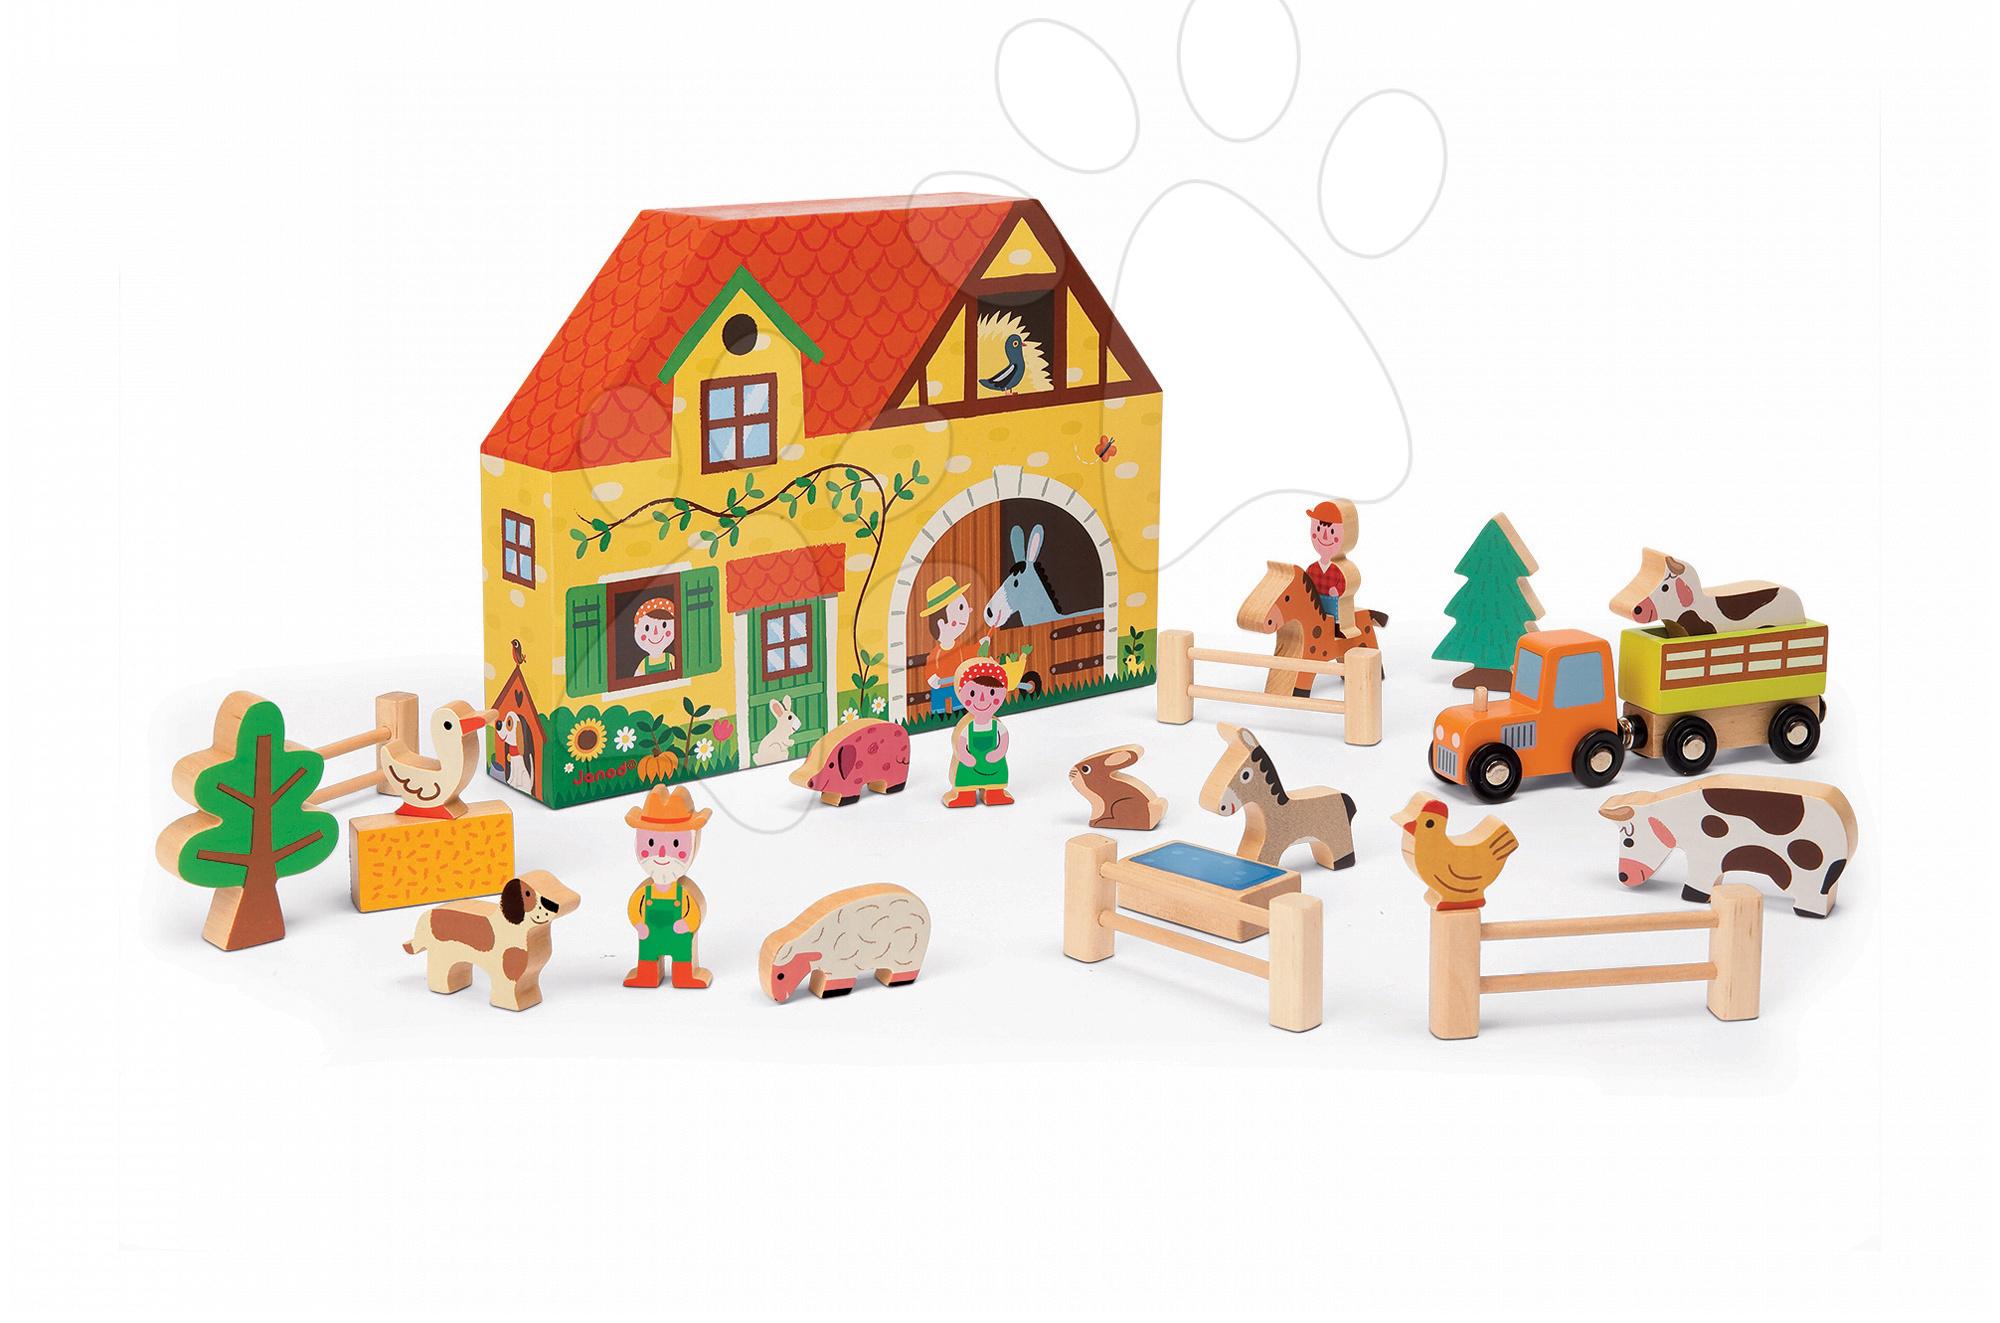 Garáže - Drevená stavebnica Farma Story Set Box Janod so zvieratkami 23 dielov